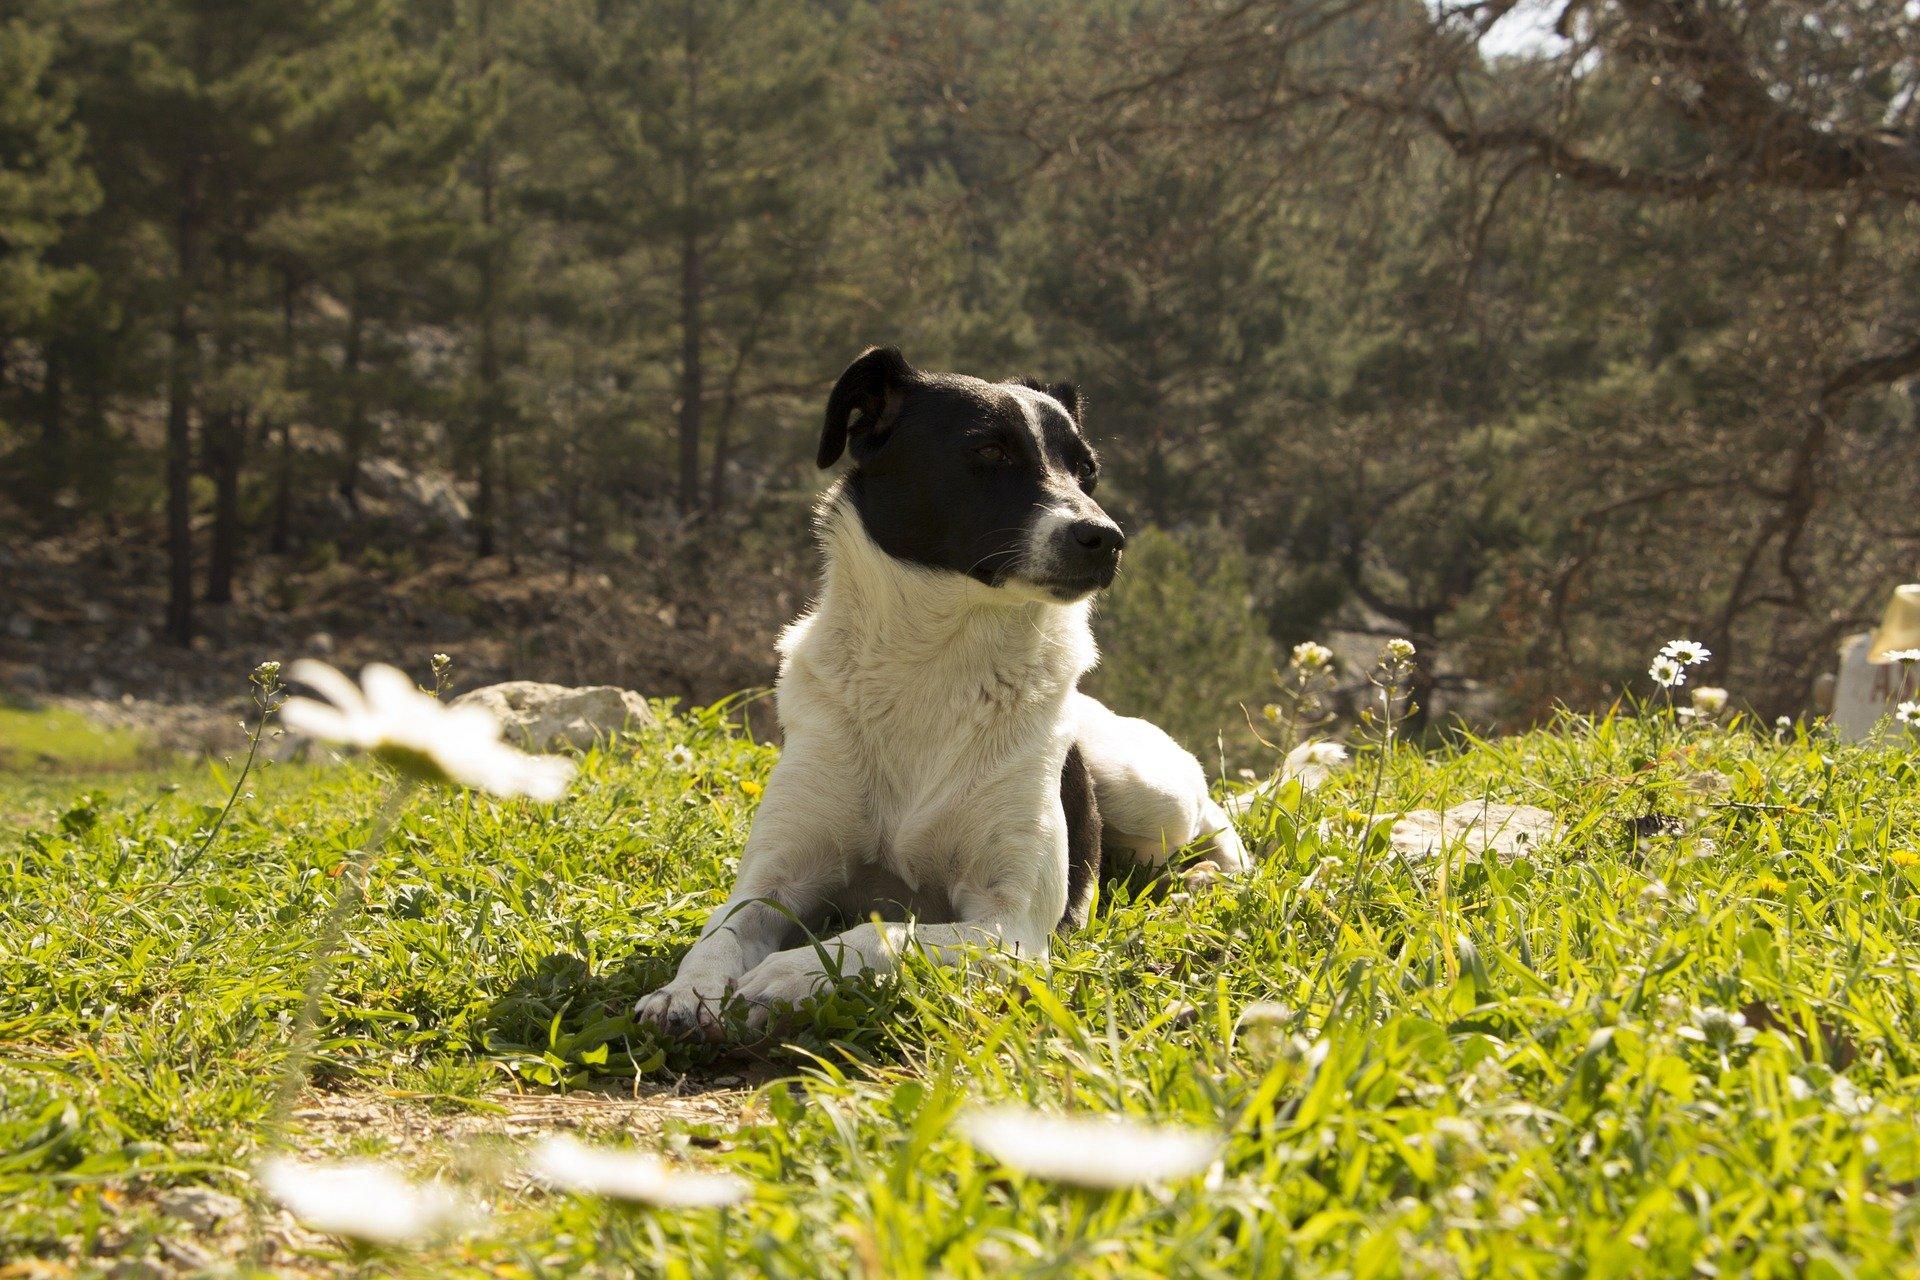 Vermifugation du chien : pourquoi vermifuger, comment et à quelle fréquence ?